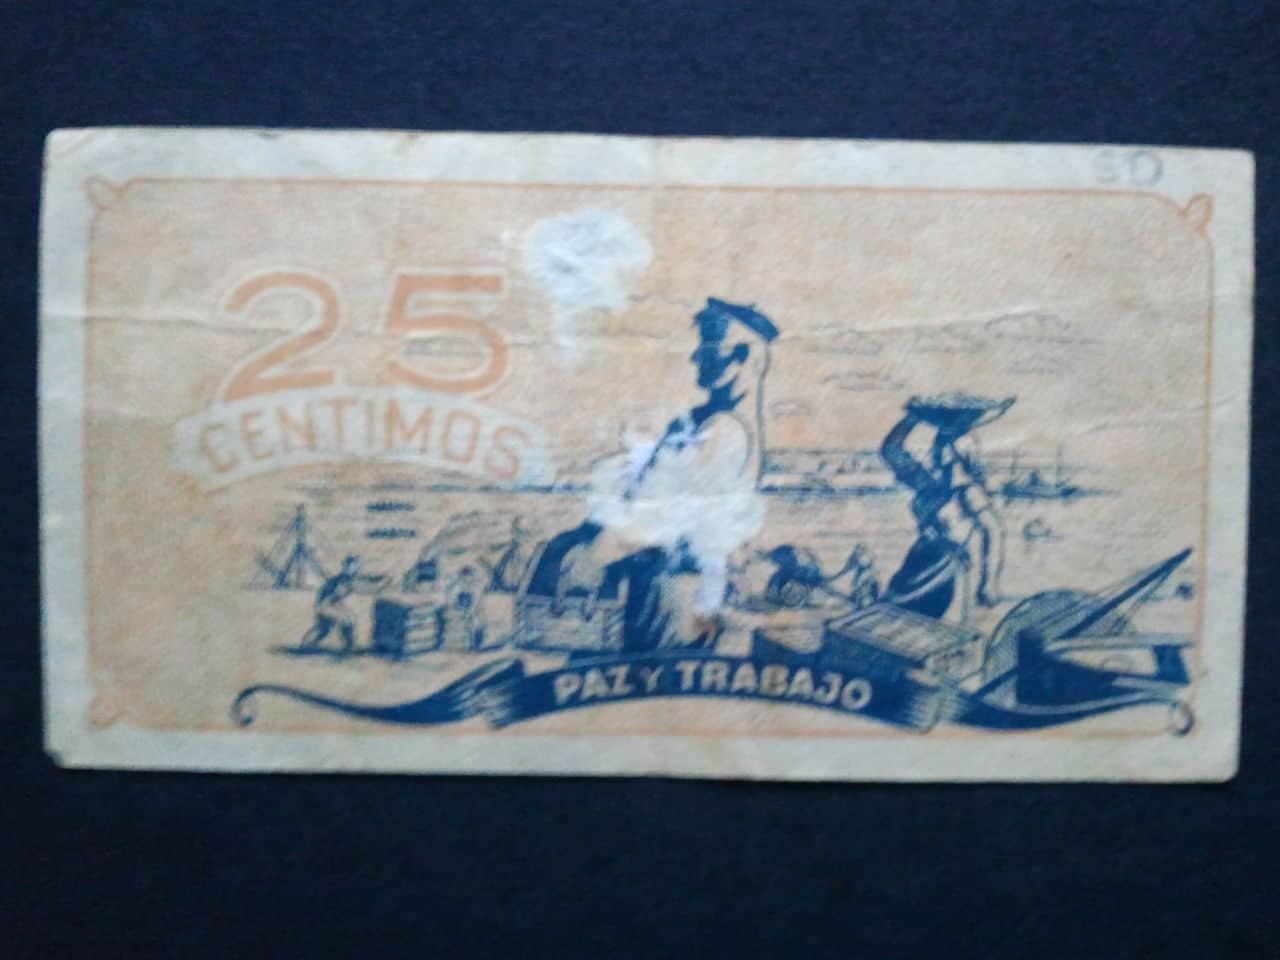 25 Céntimos Consejo de Asturias y Leon, 1937 2014_03_09_18_24_01